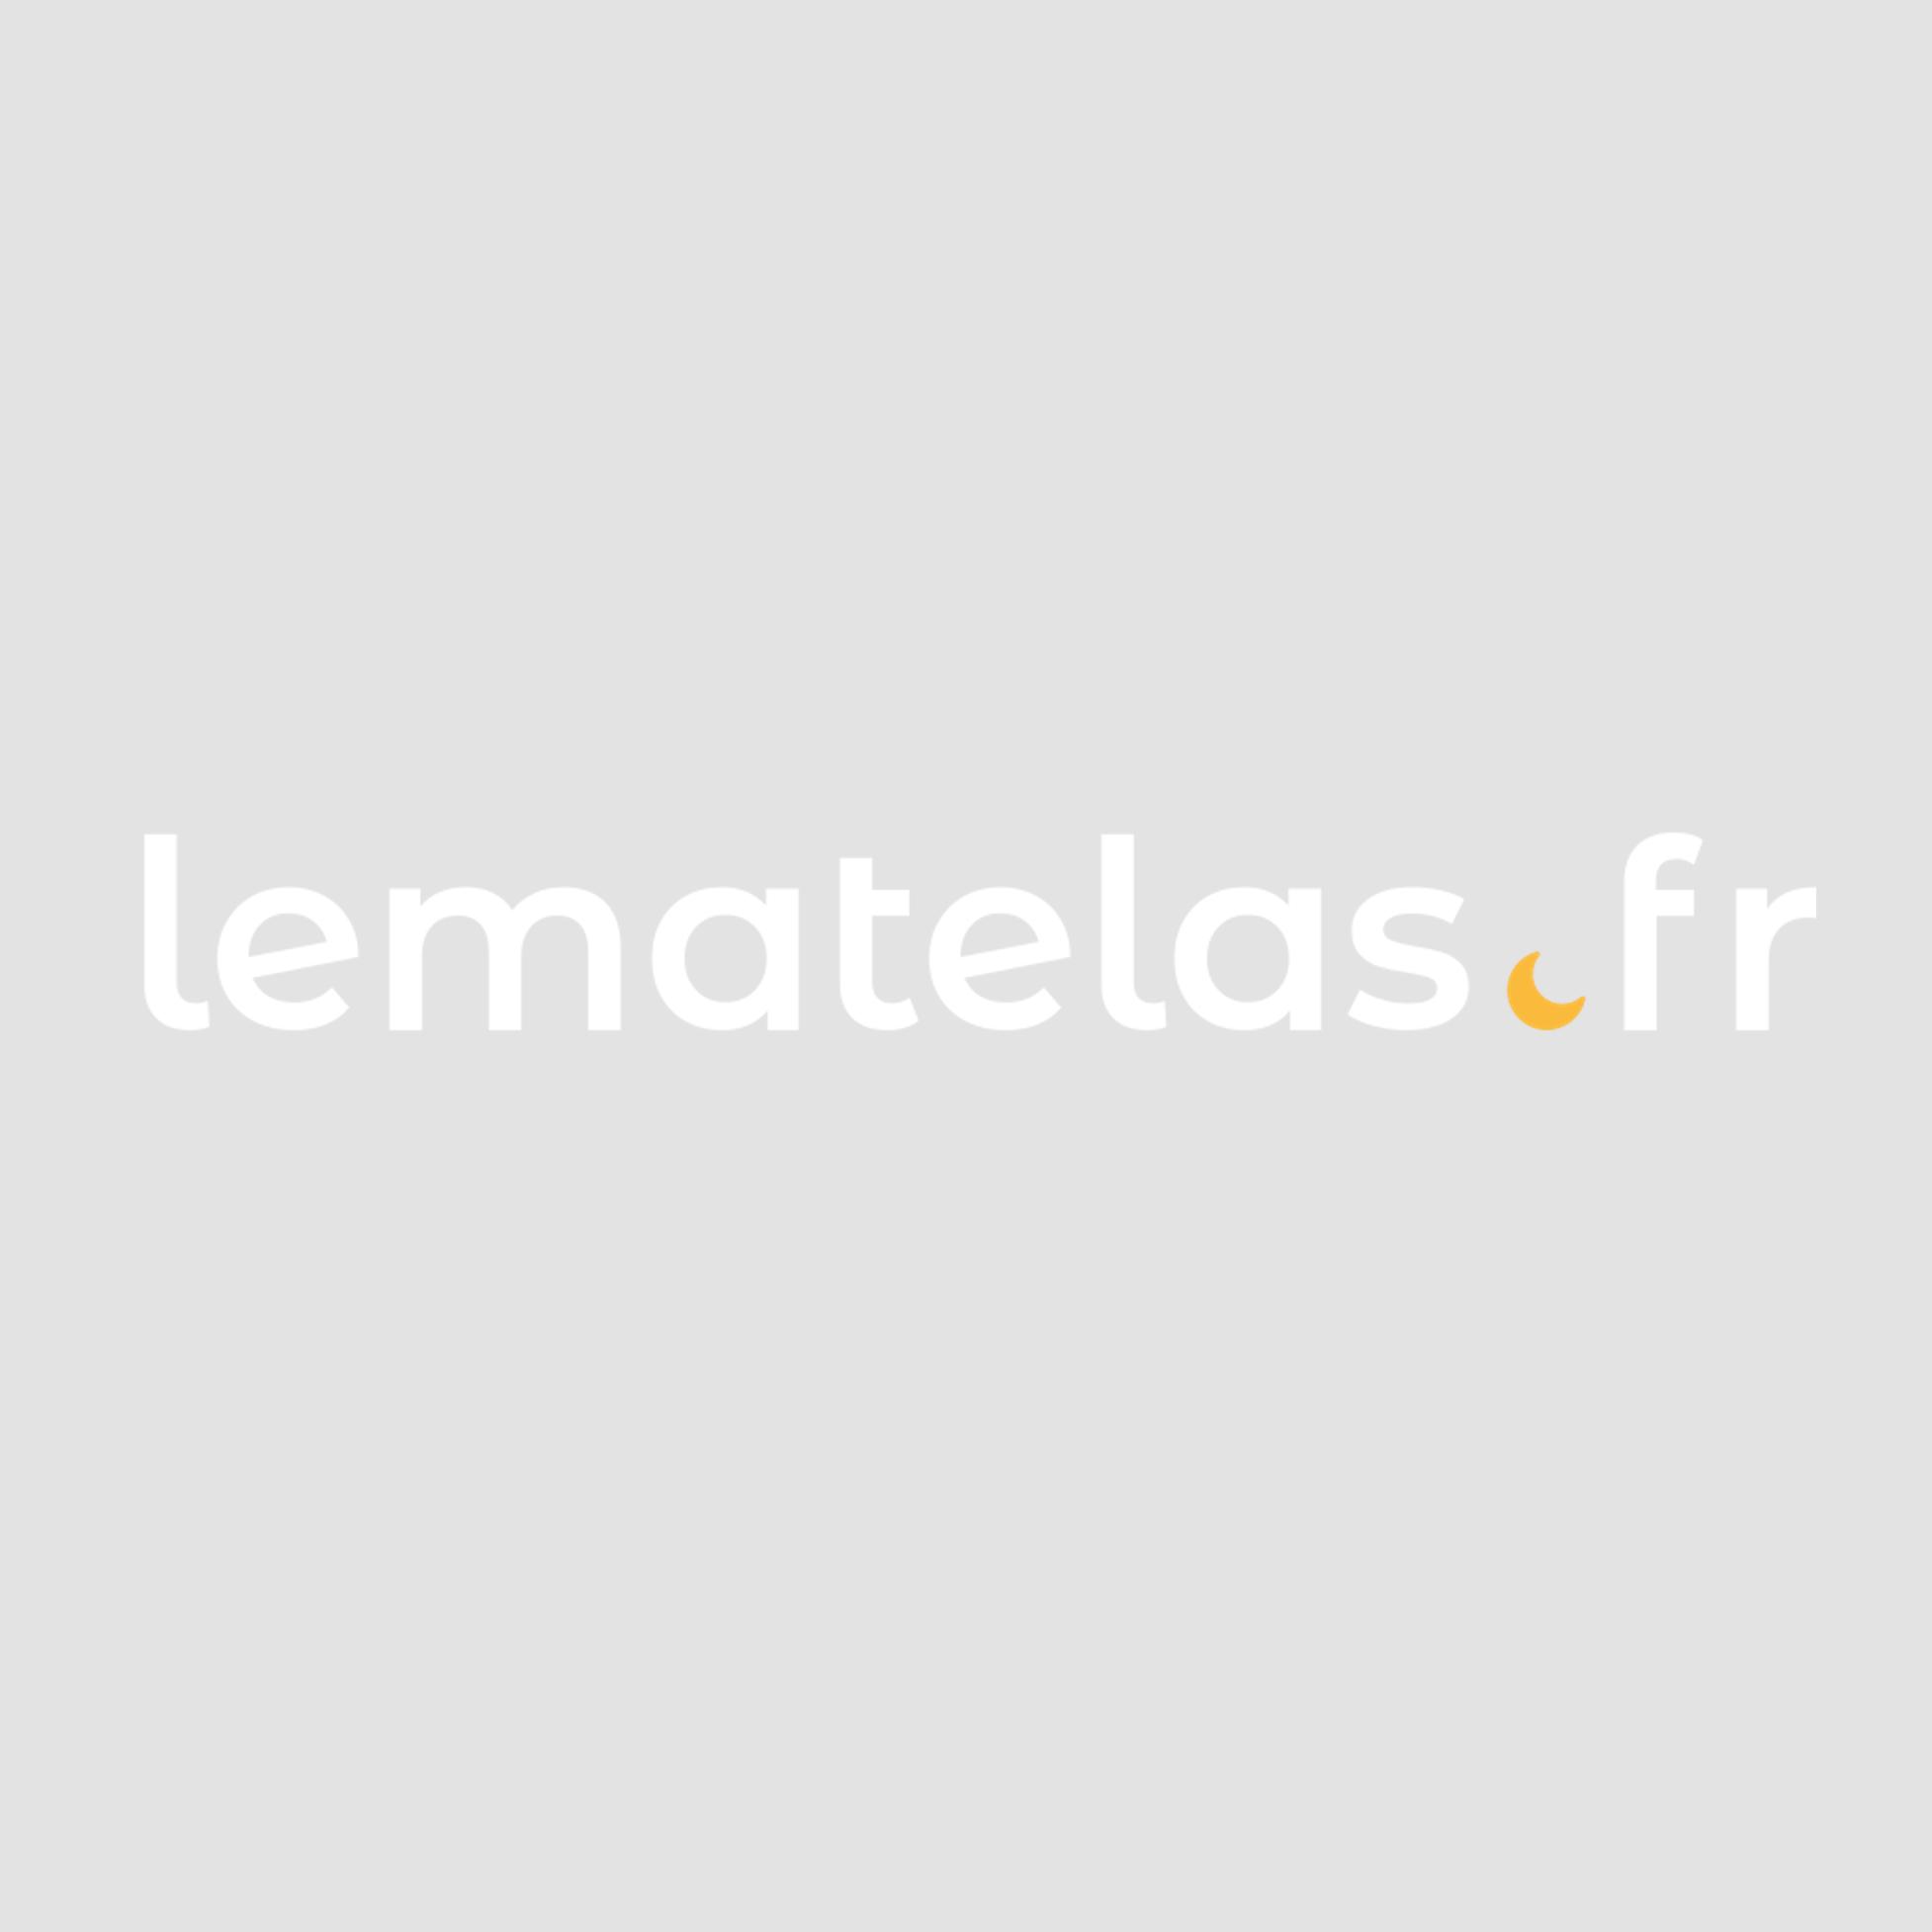 Lit cabane enfant avec toit et fenêtre en bois blanc 19x19 + tiroir de lit